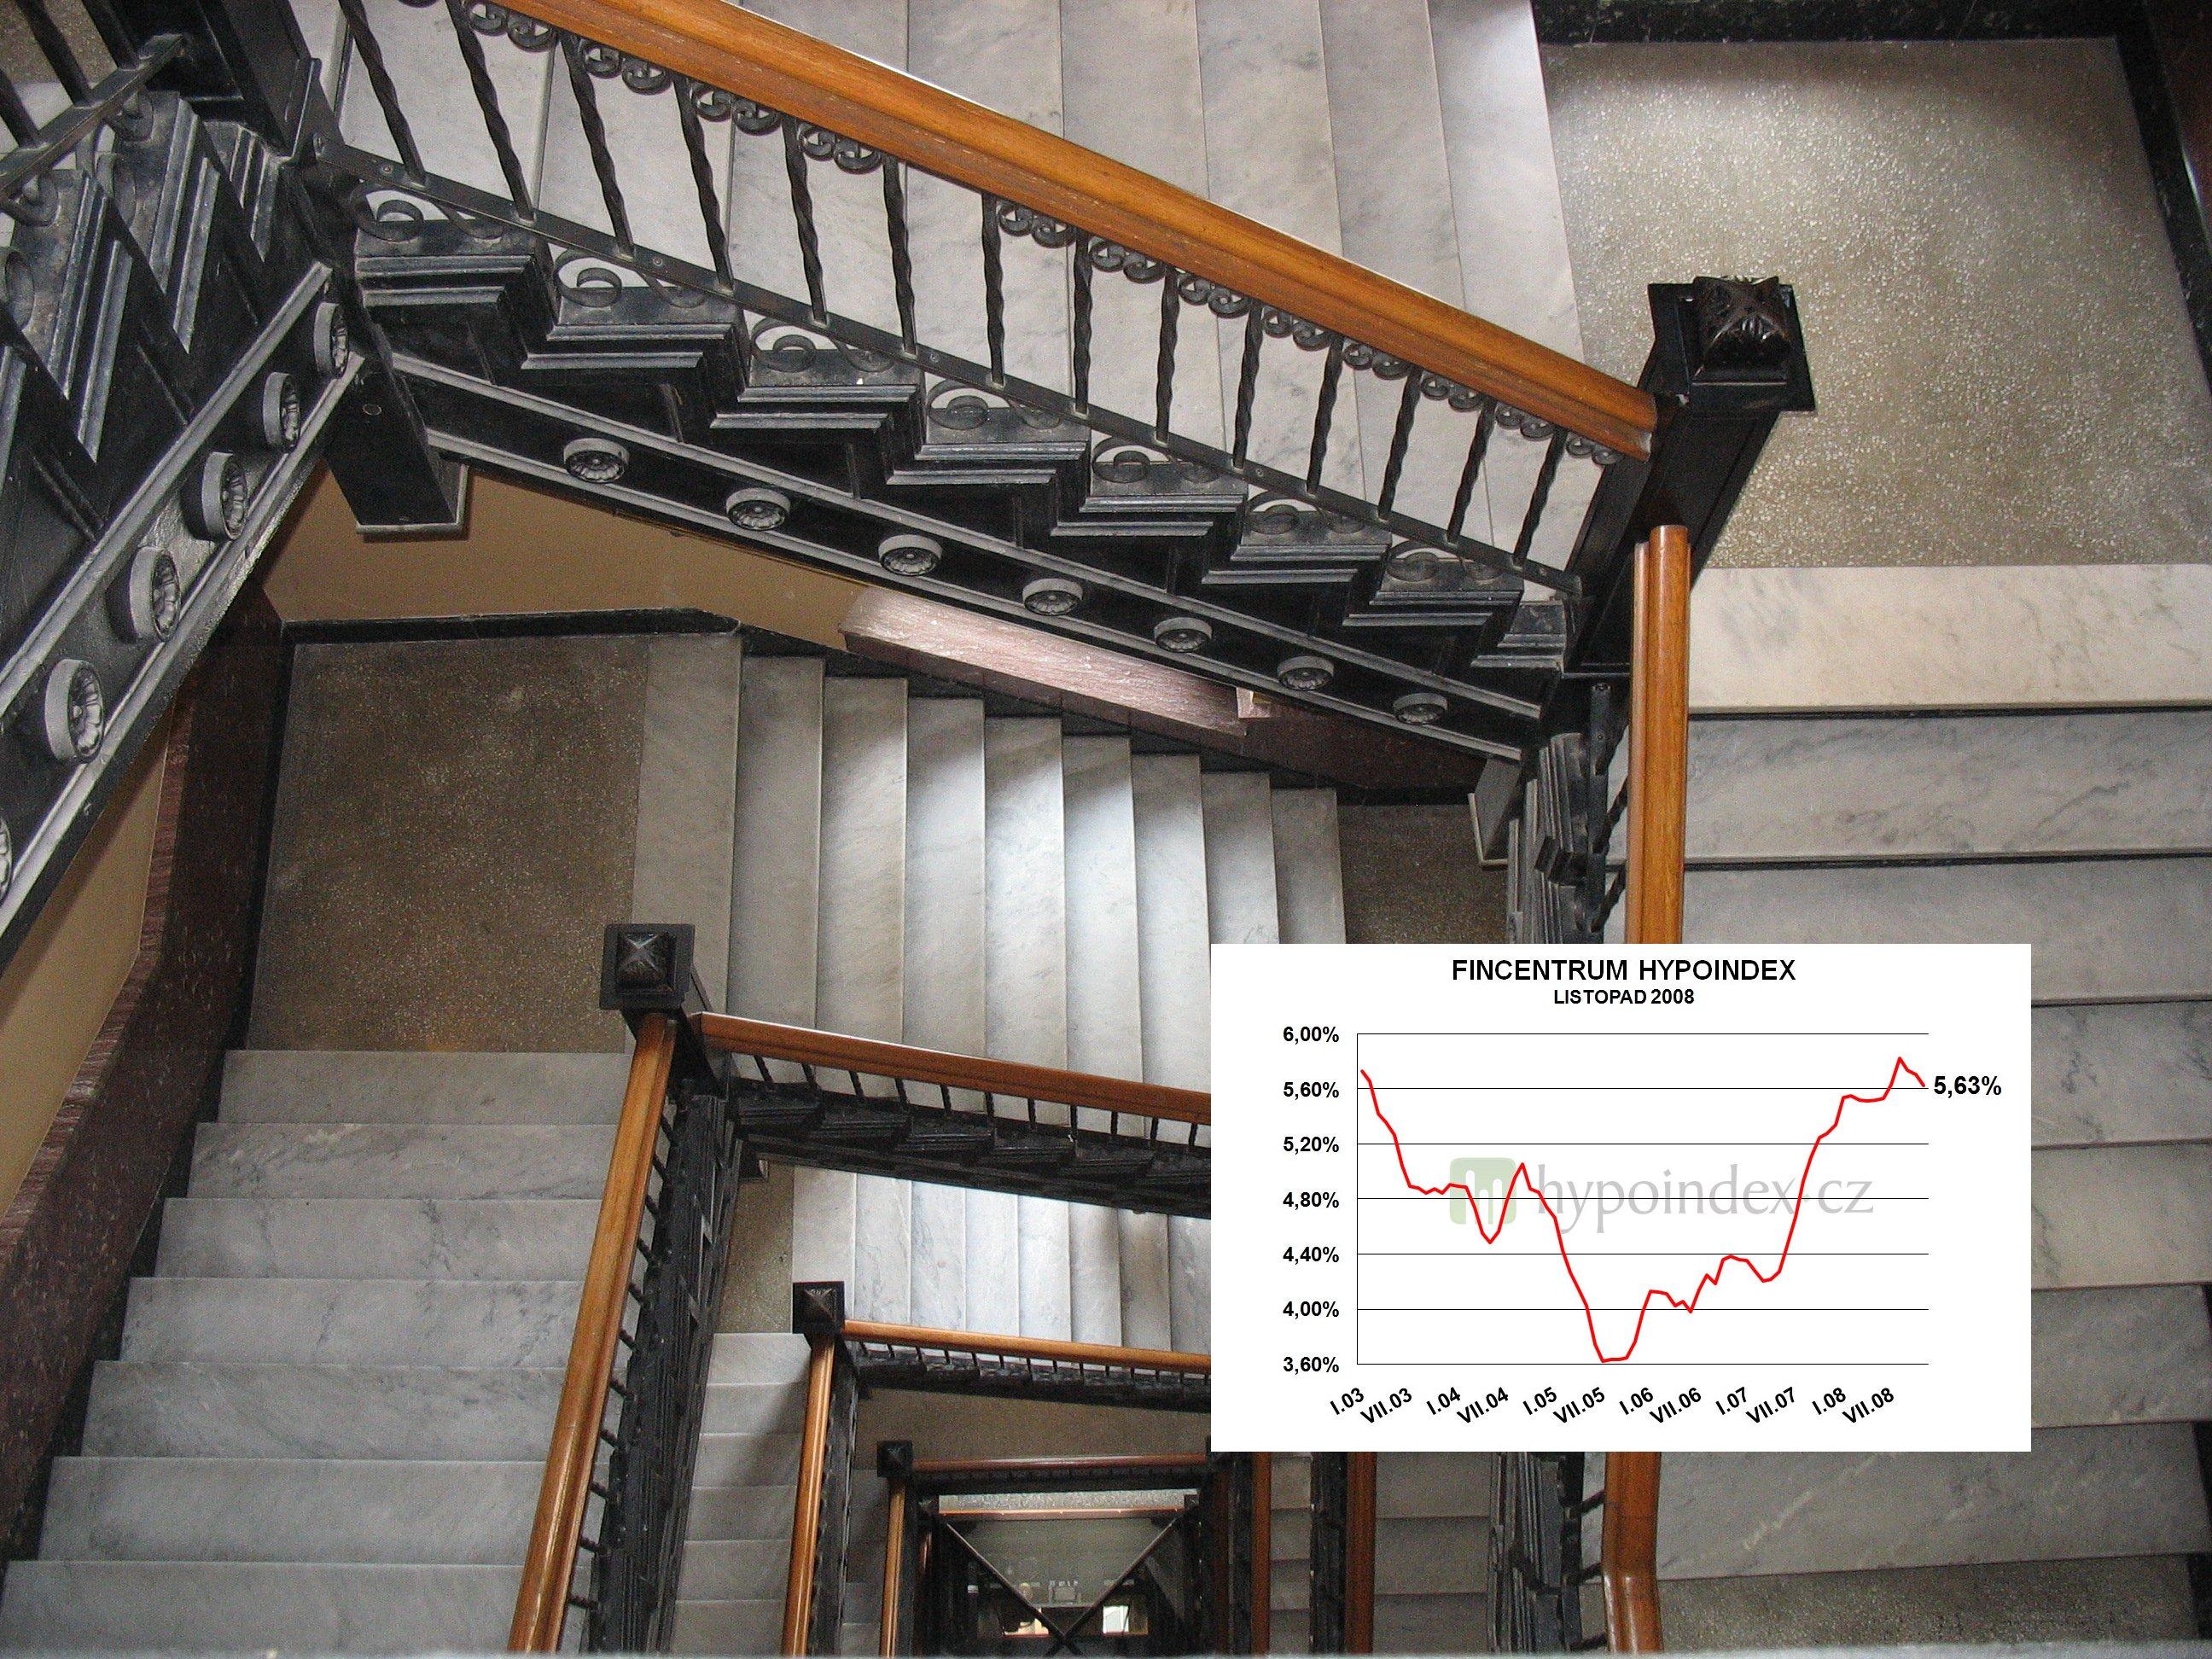 Hypoindex listopad 2008: Další propad úrokových sazeb